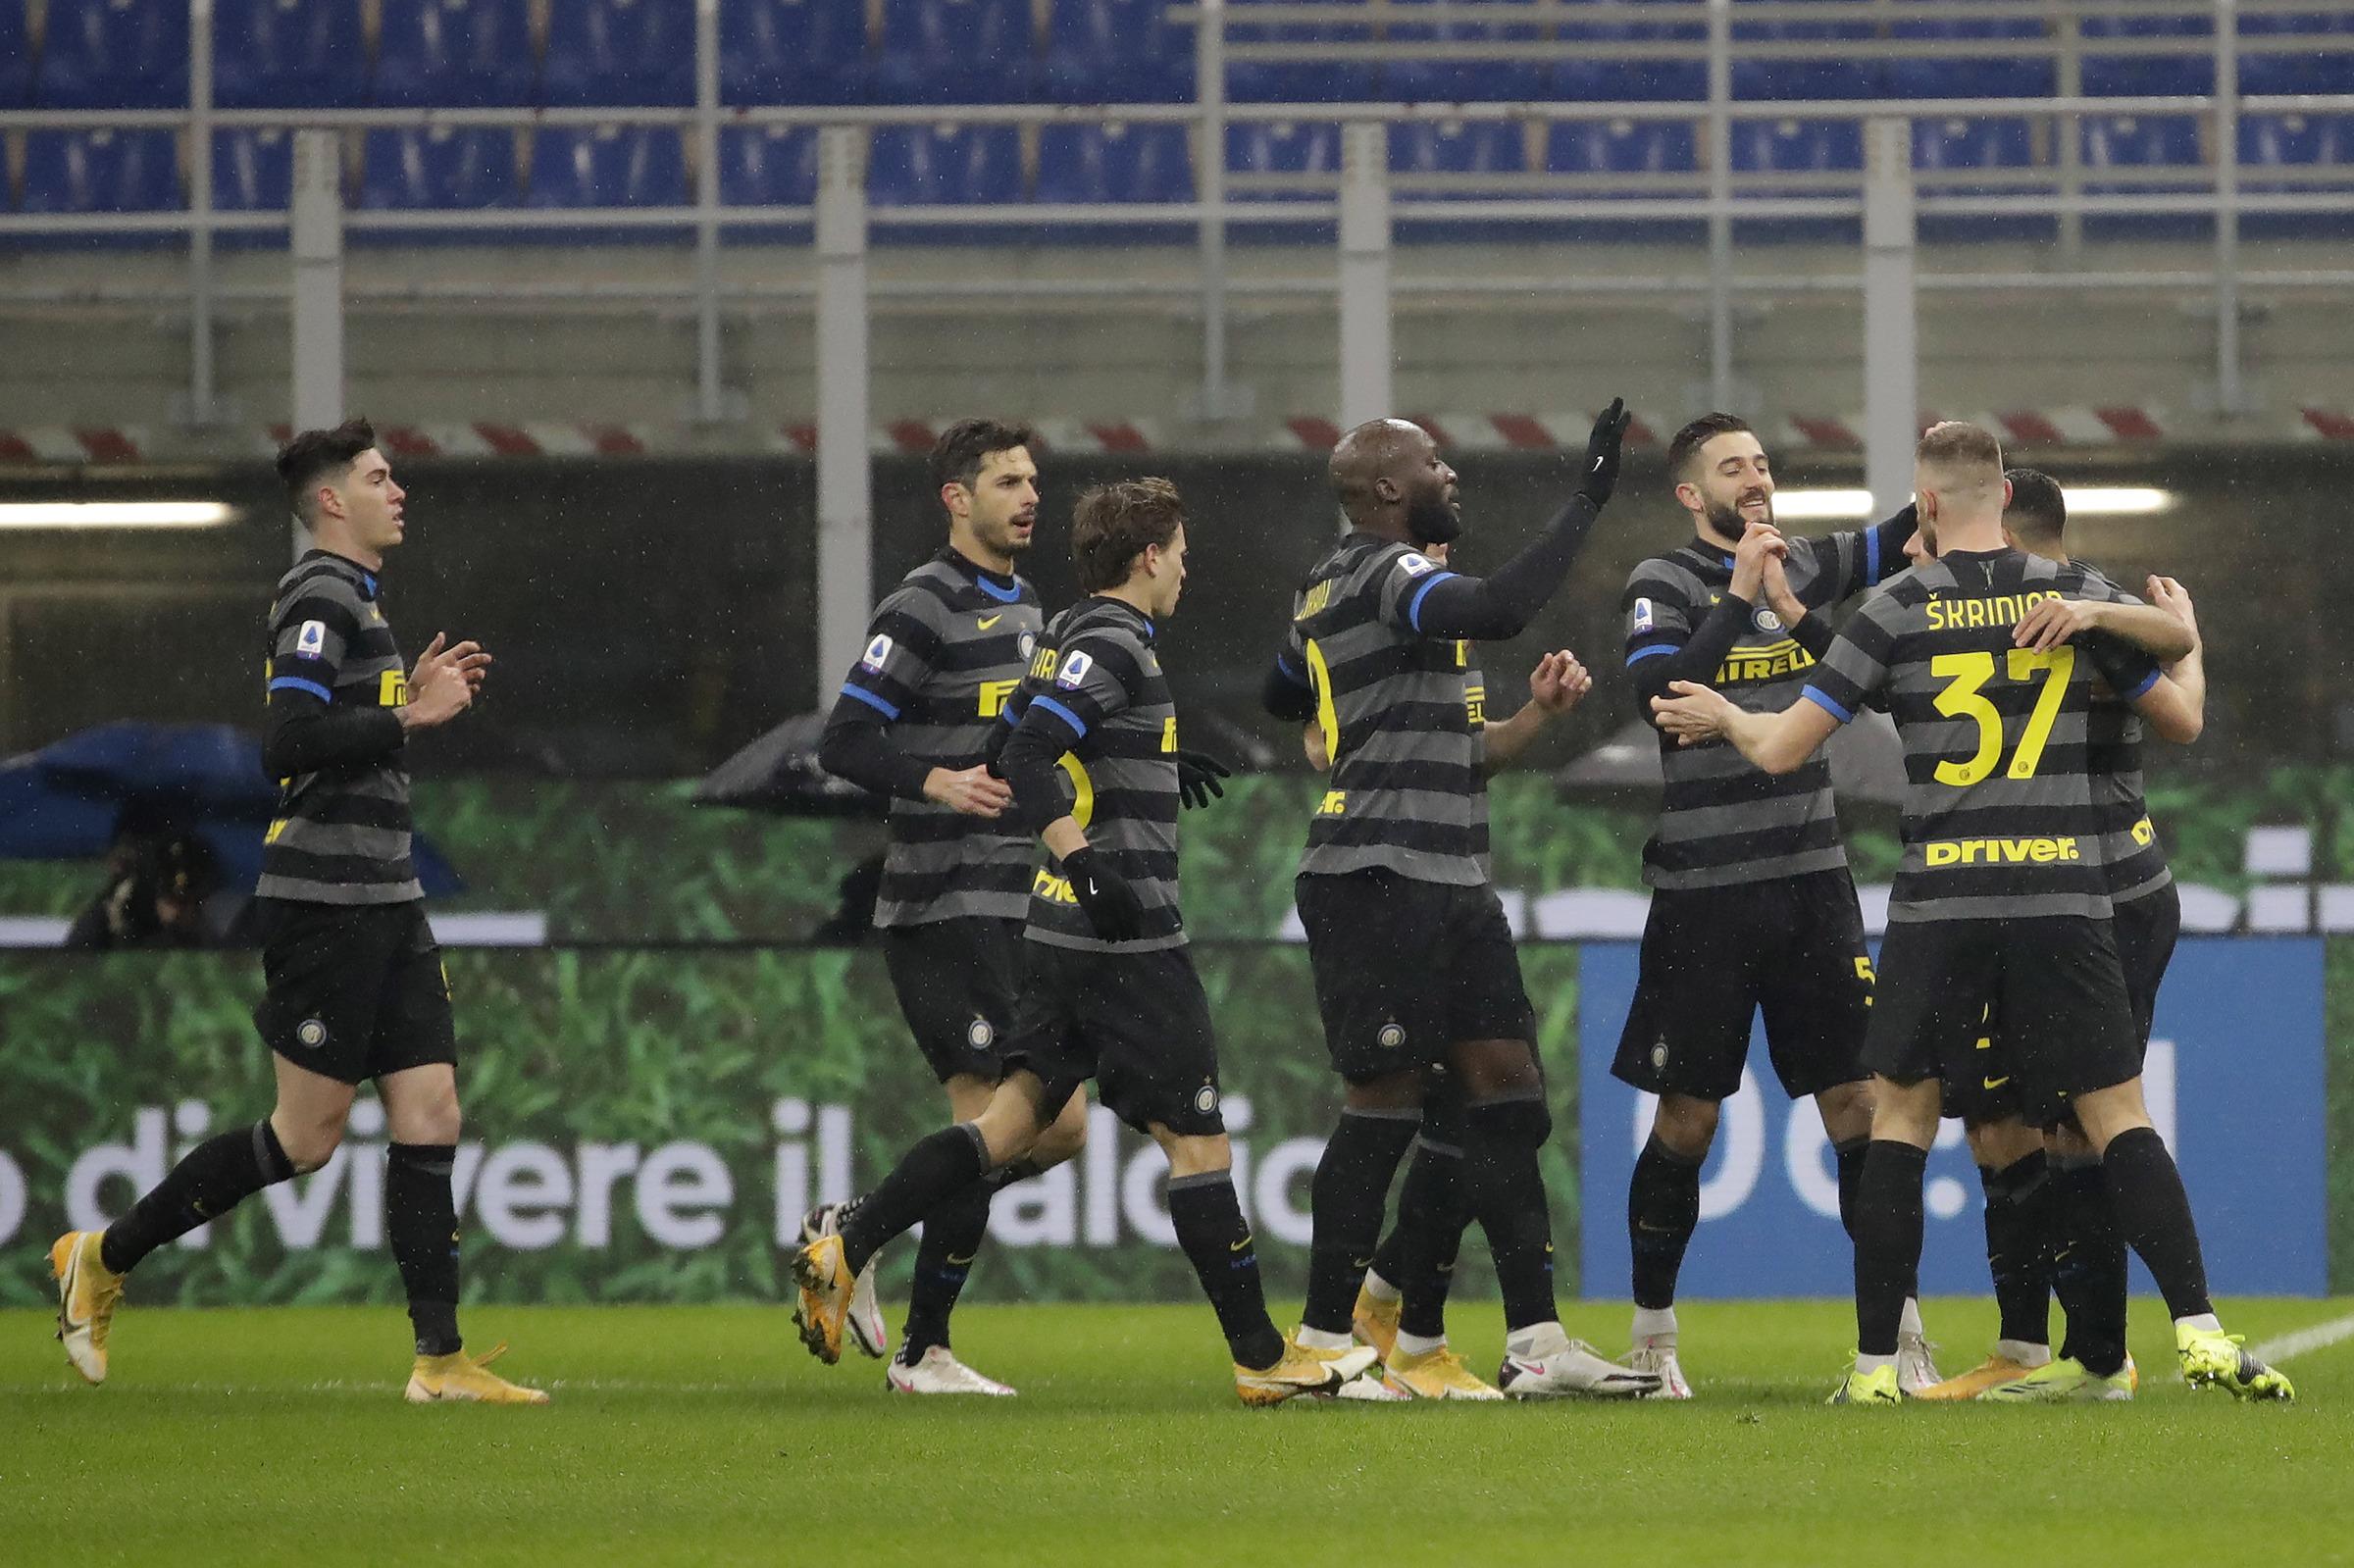 Serie A, Inter vs Benevento